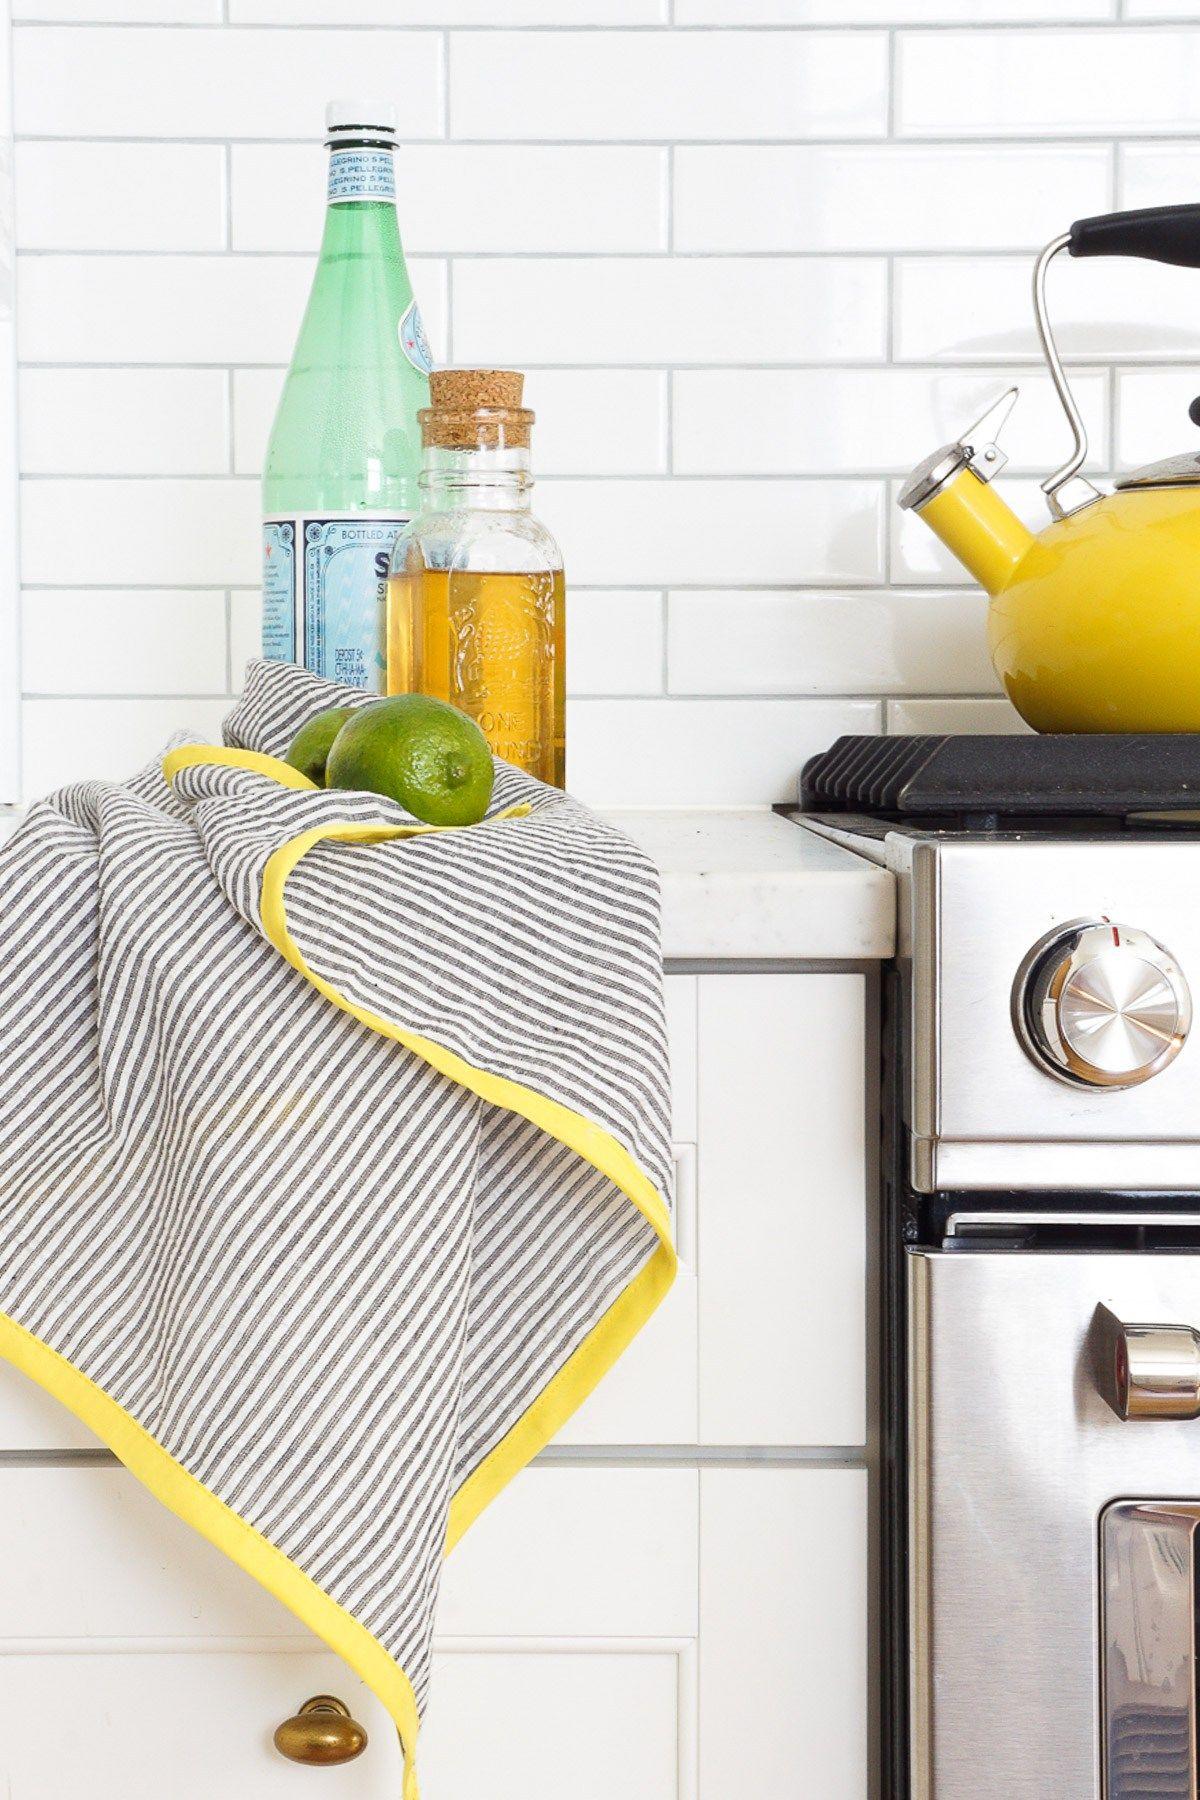 DIY Seersucker Tea Towels | Pinterest | Seersucker, Towels and Teas